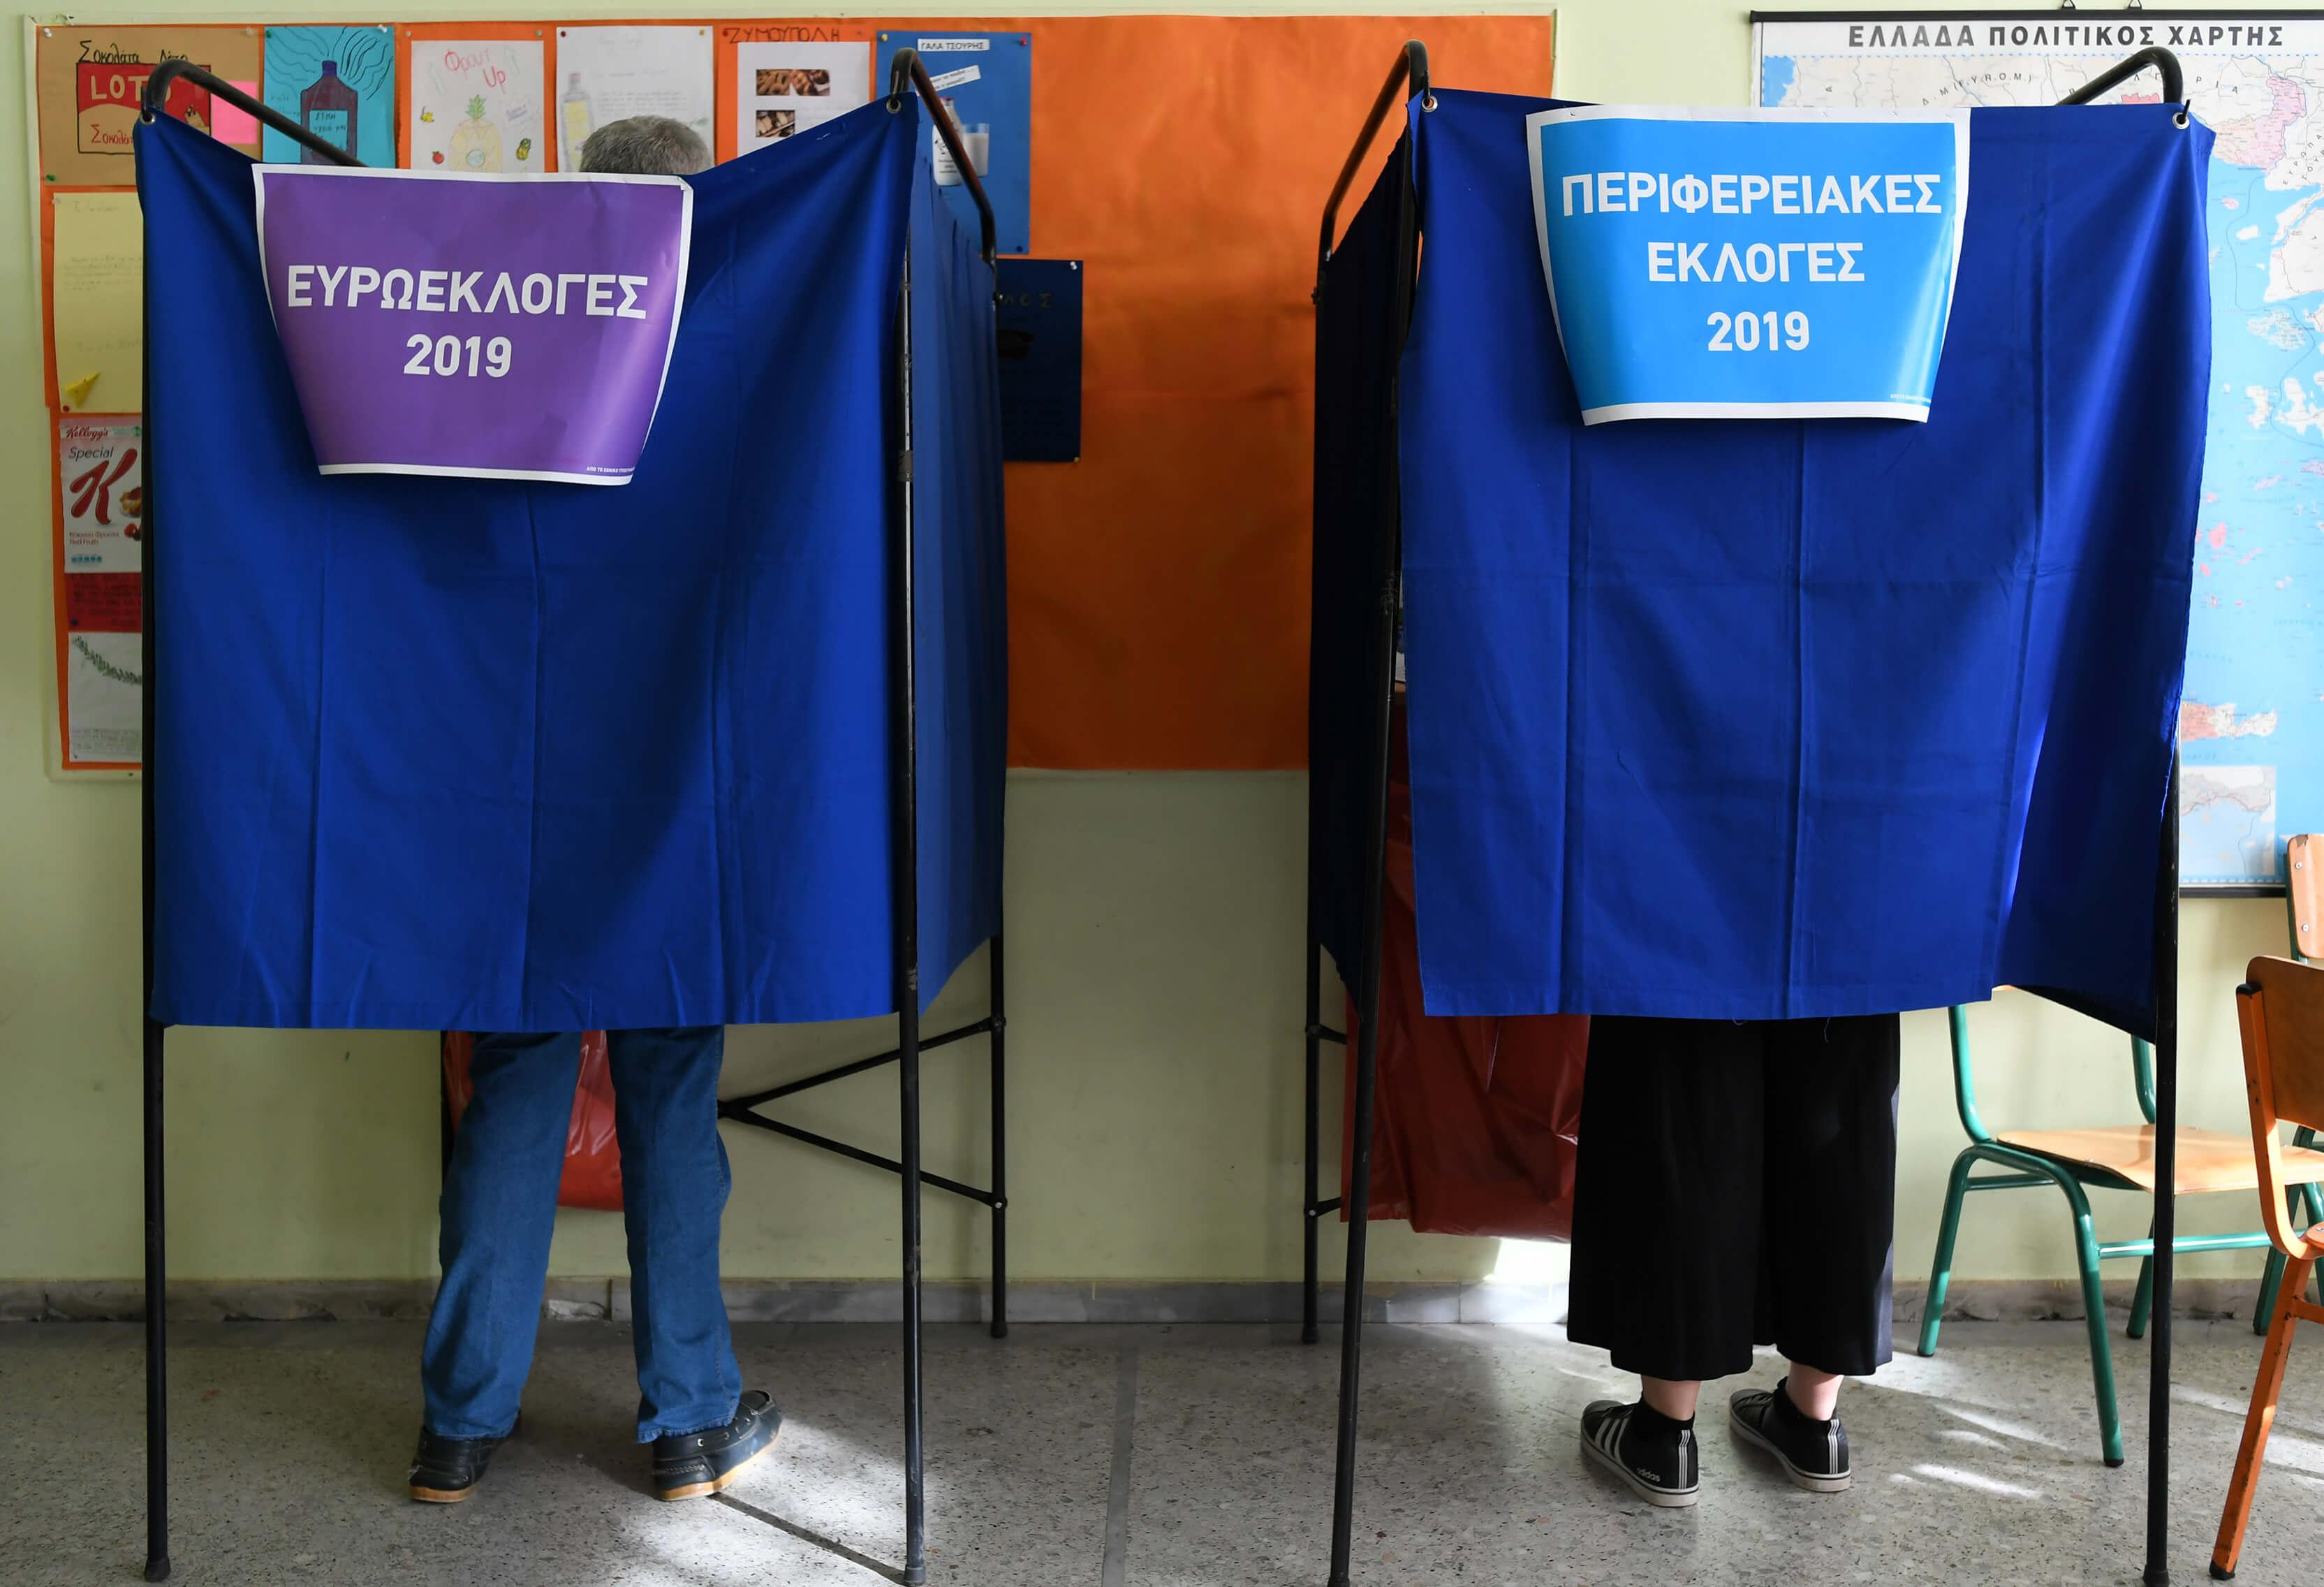 Αποτελέσματα Εκλογών – Σταυροί προτίμησης Δήμος Πετρουπόλεως: Ποιοι δημοτικοί σύμβουλοι εκλέγονται